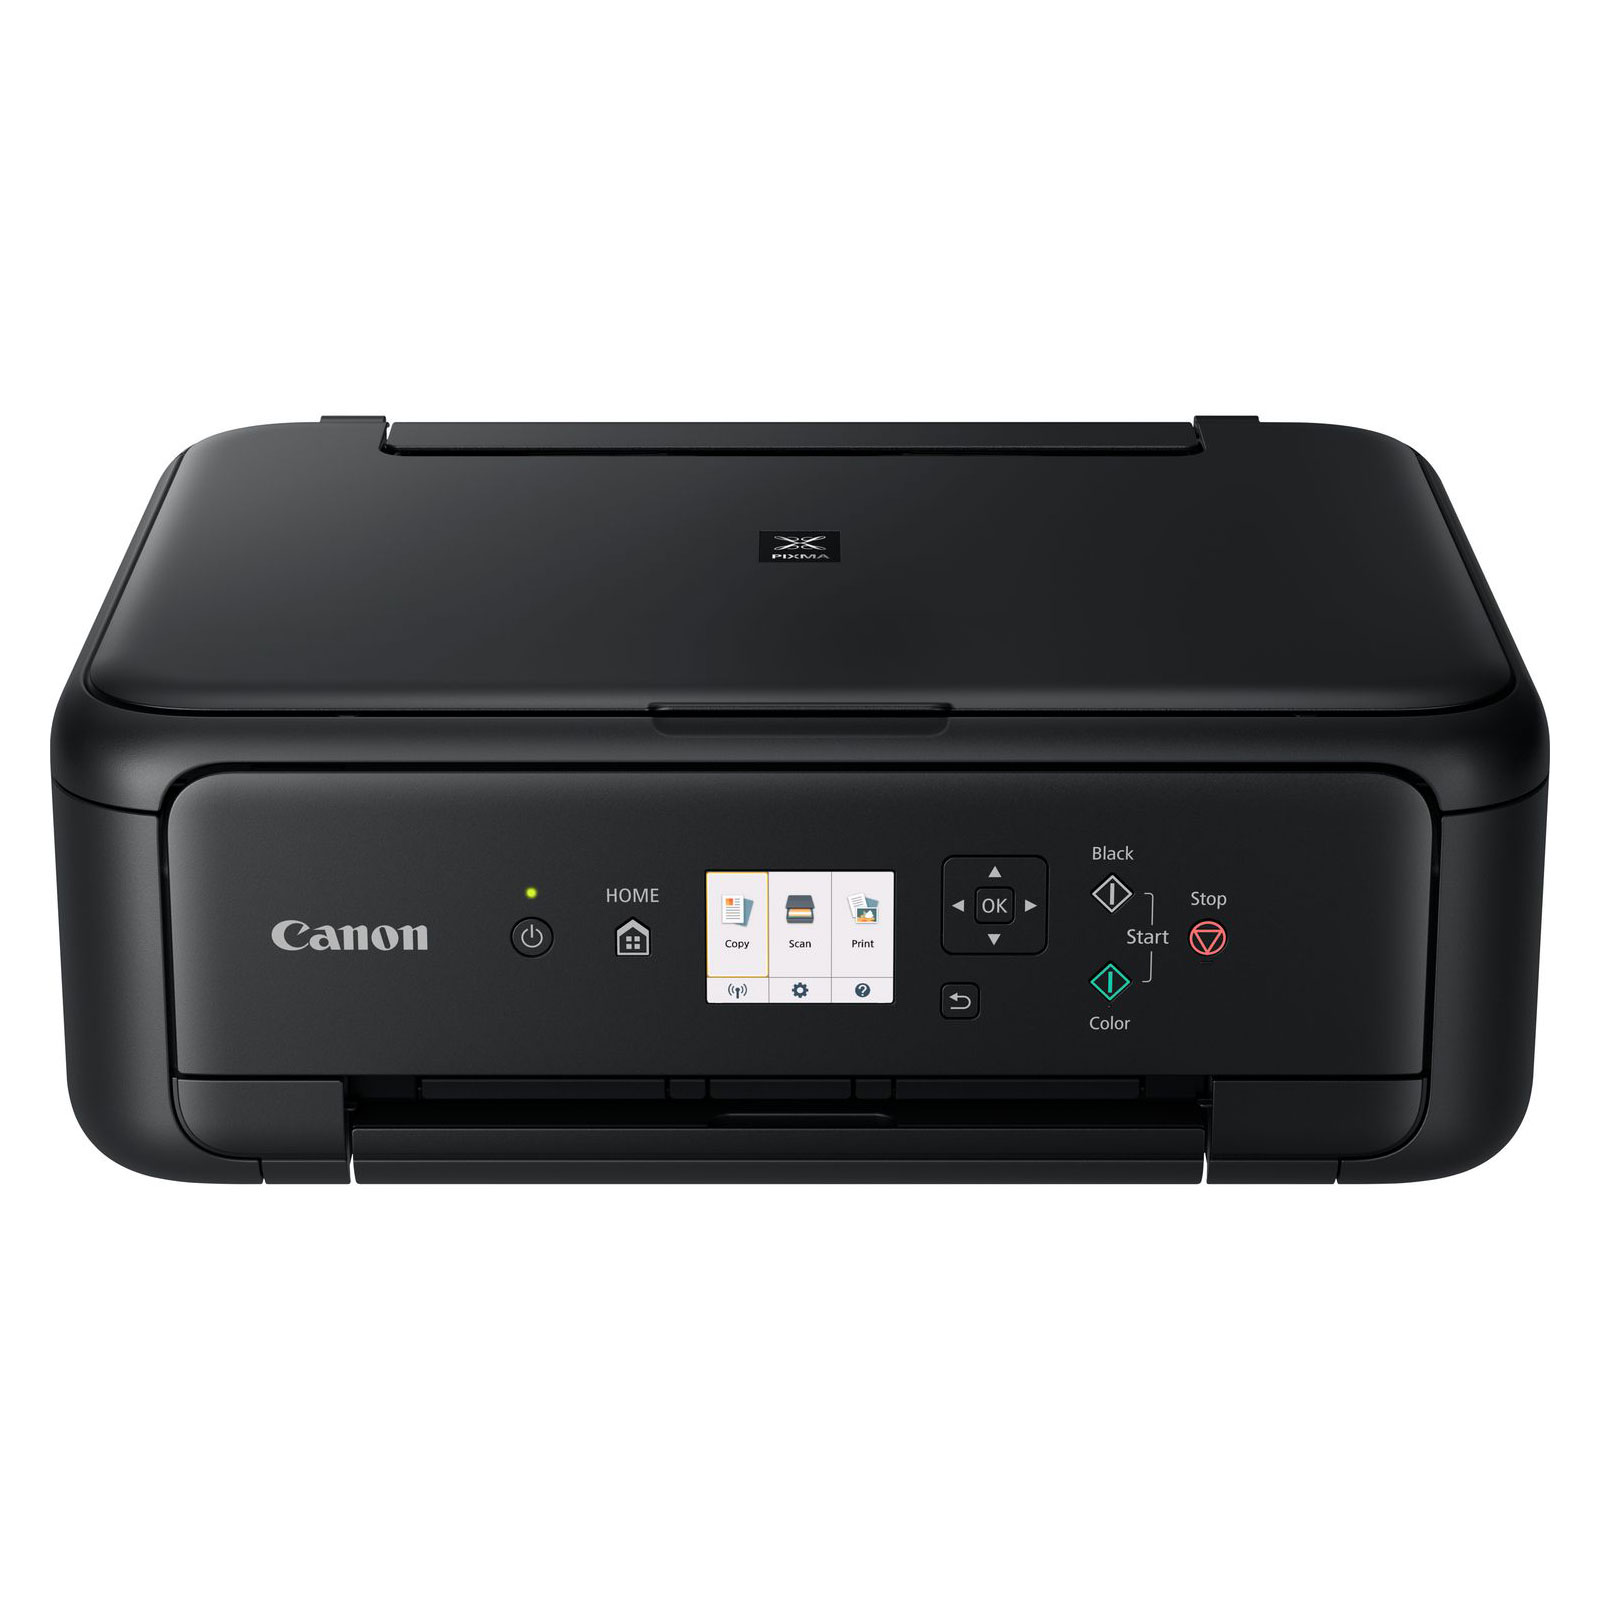 Imprimante multifonction Canon PIXMA TS5150 - Cybertek.fr - 0